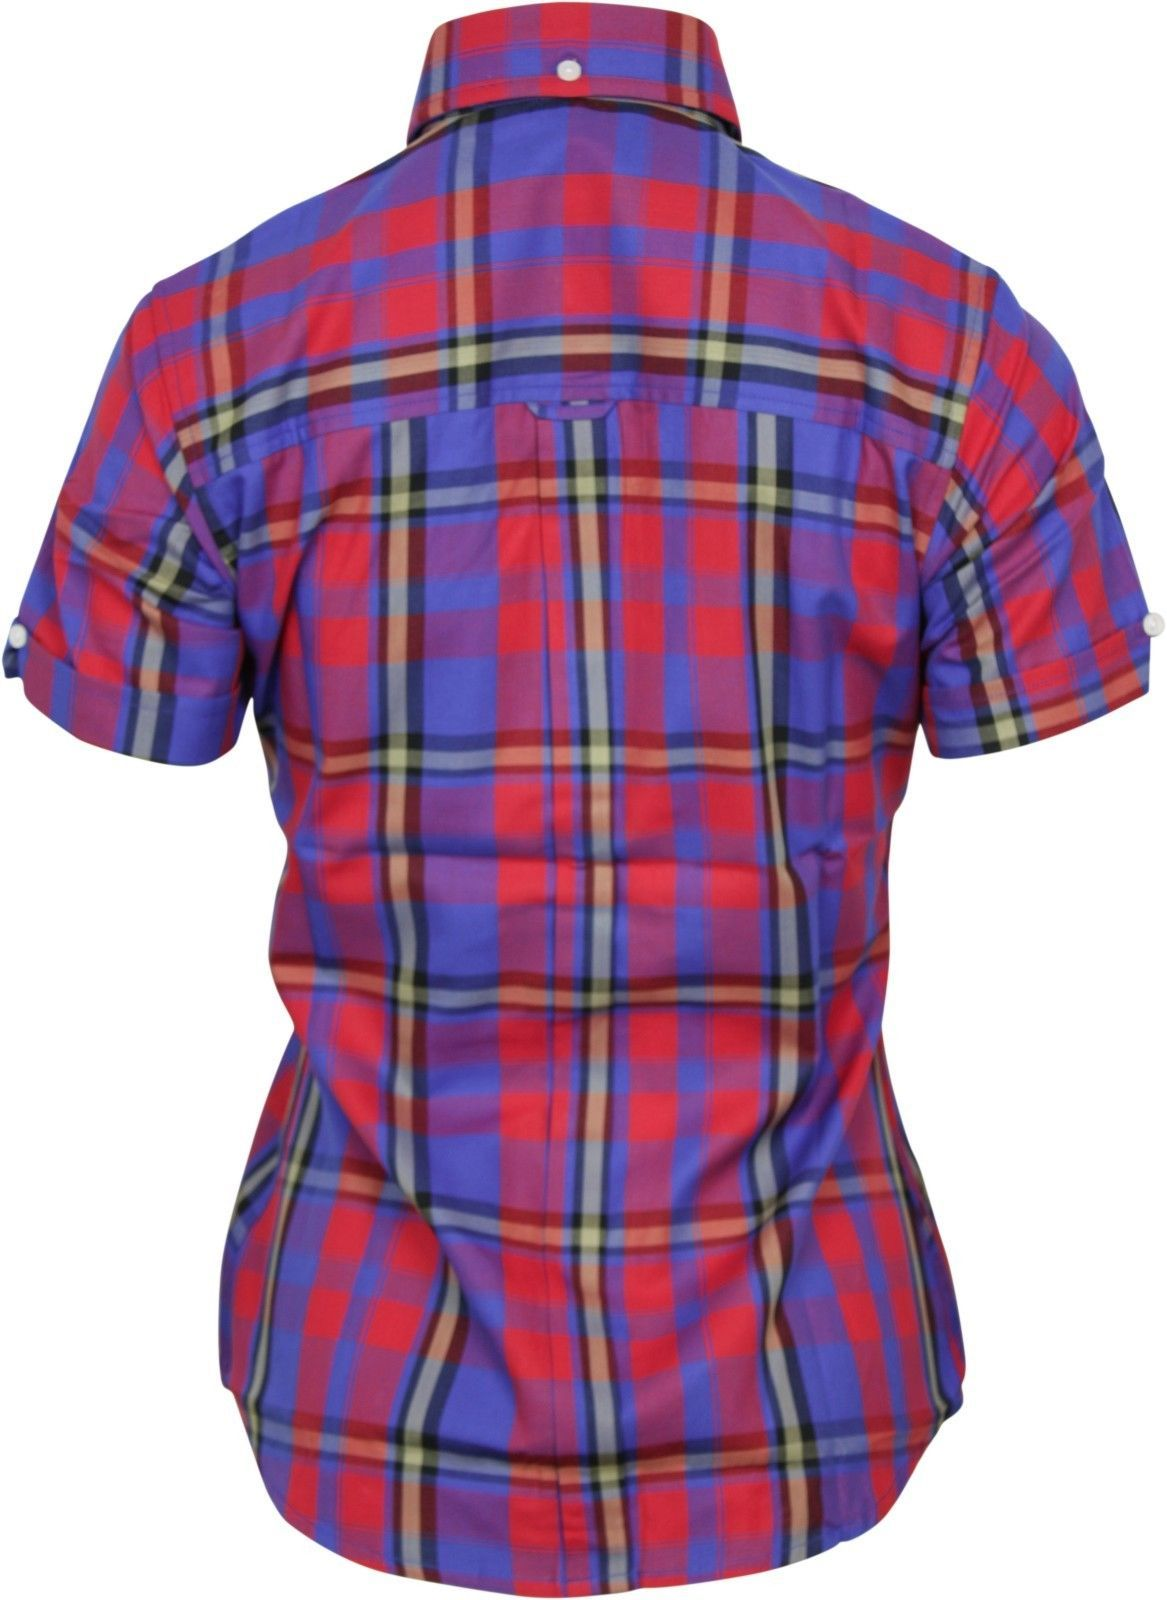 865832dae2b Button Down Collar Ladies Shirts - DREAMWORKS